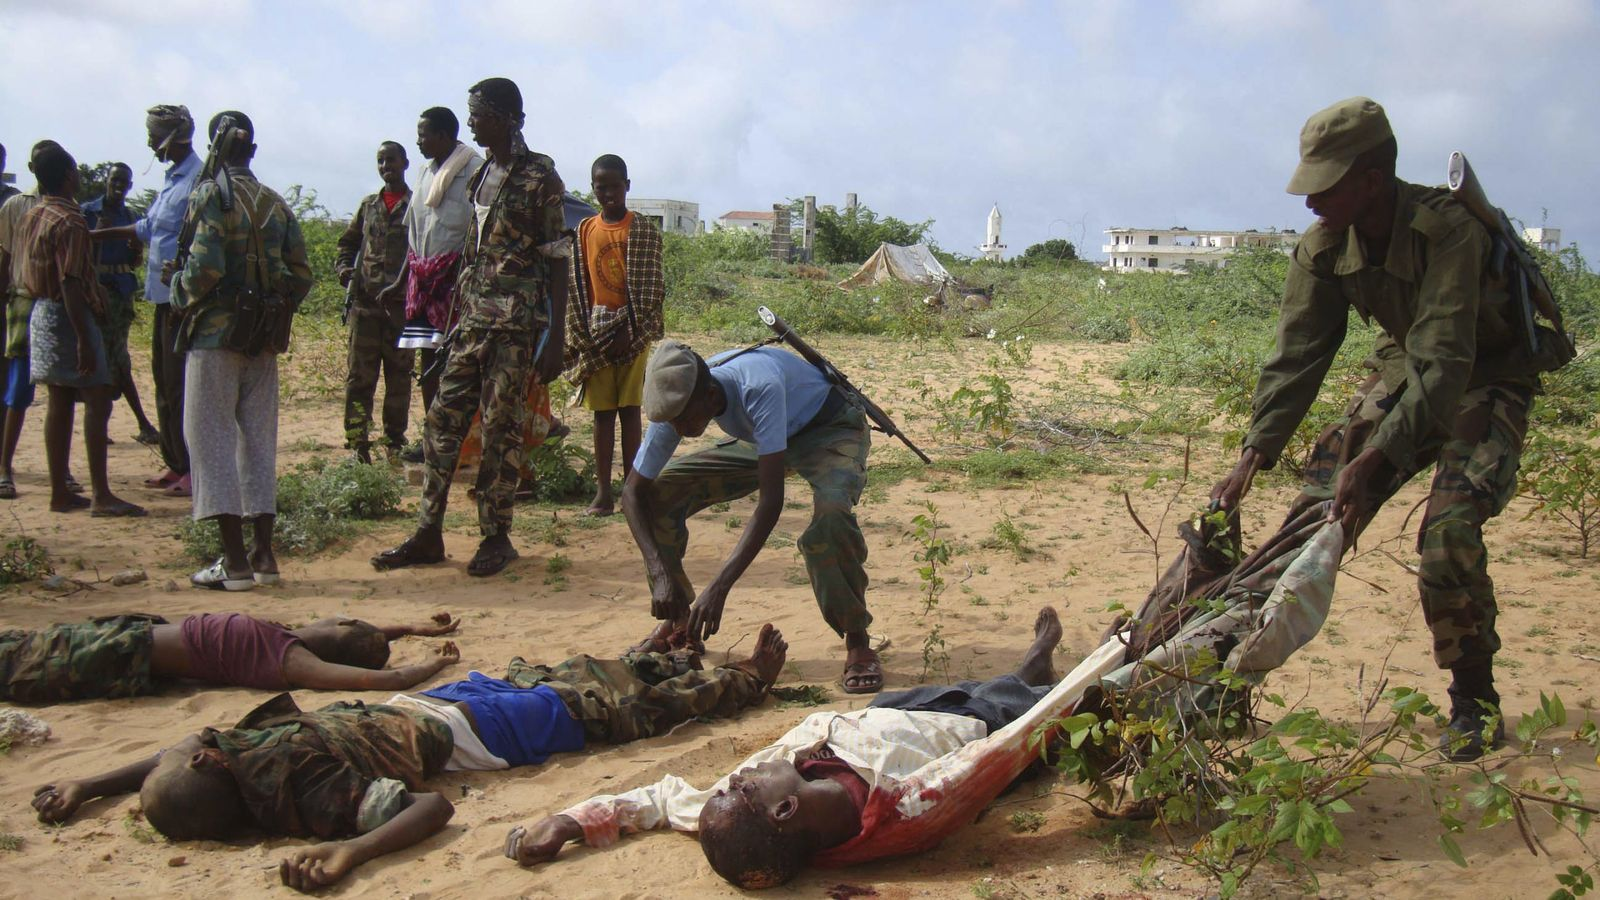 Foto: Un soldado somalí arrastra el cadáver de un miliciano de Al-Shabab abatido en el norte de Modadiscio, en junio de 2010 (Reuters).